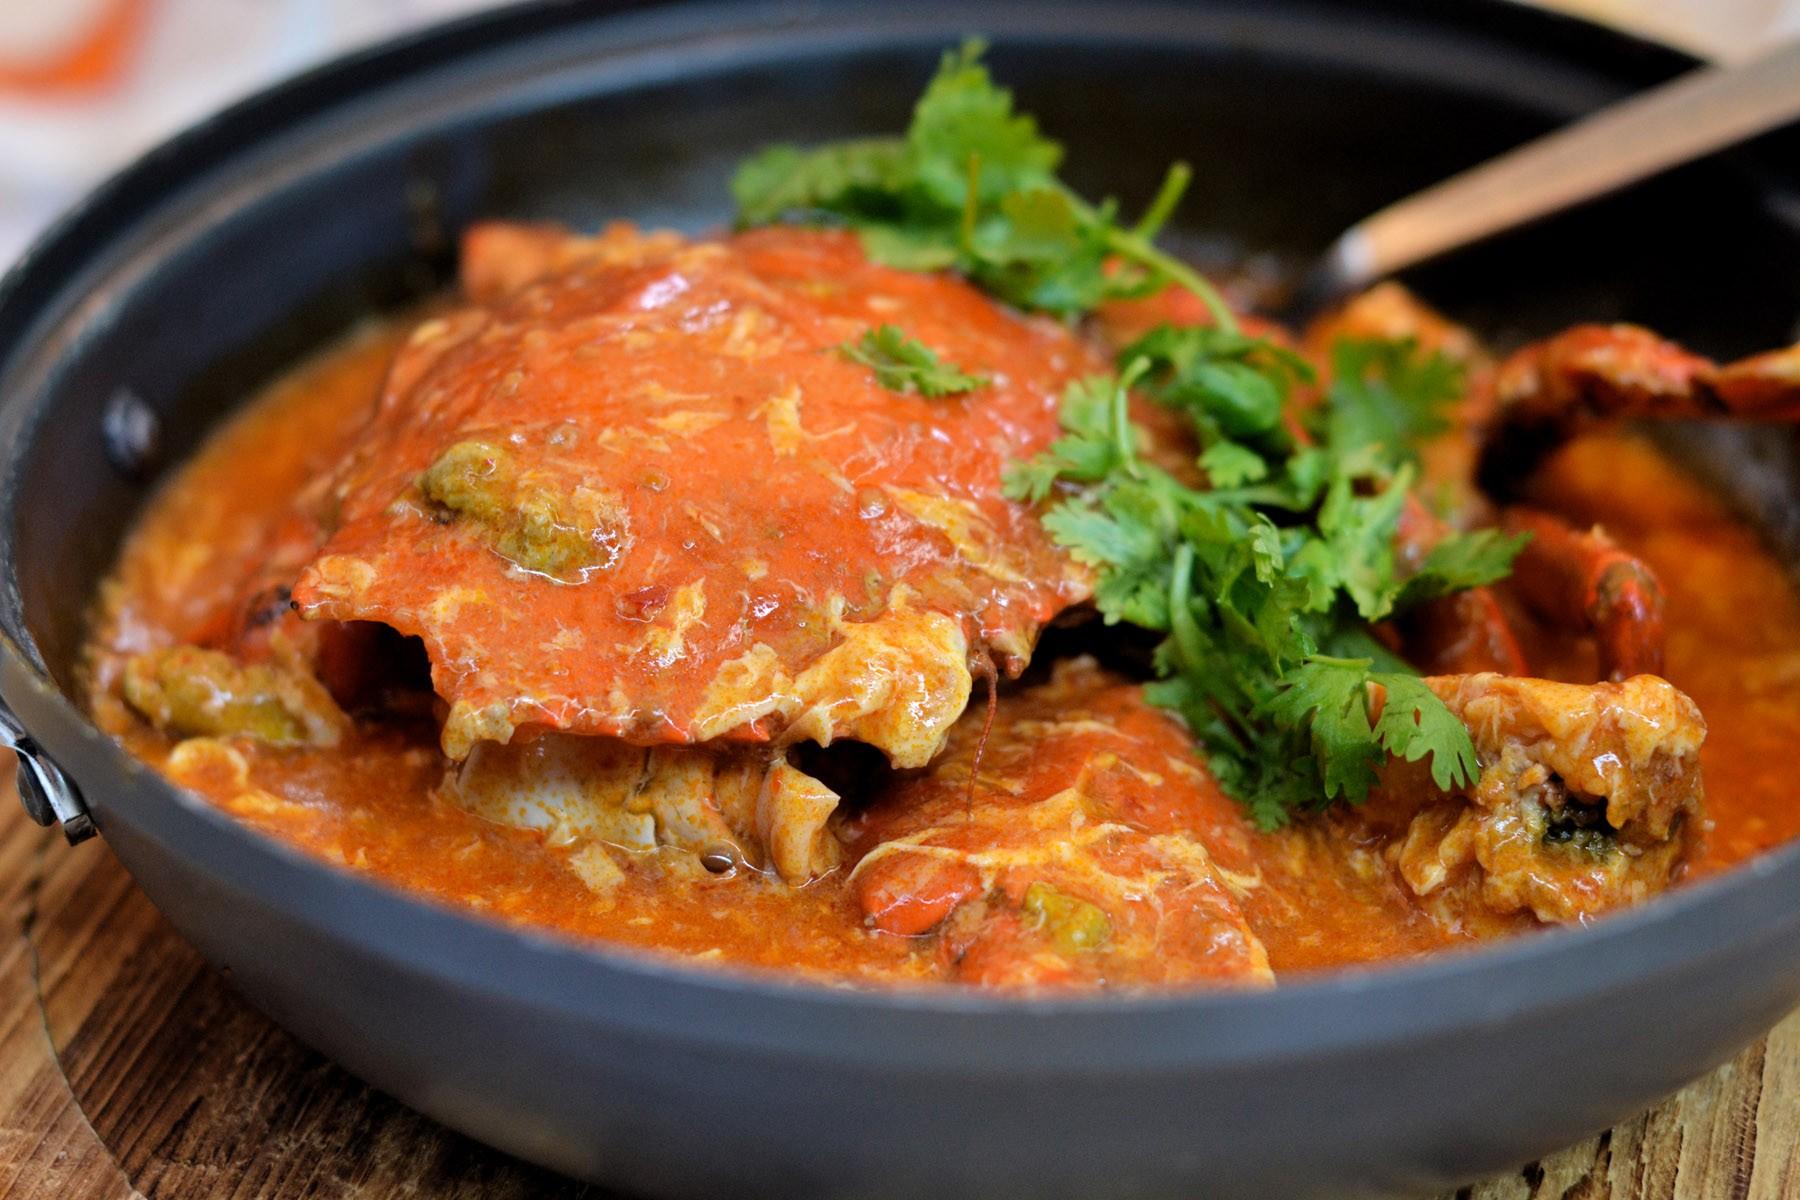 Eggy, saucy Singaporean Chili Crab